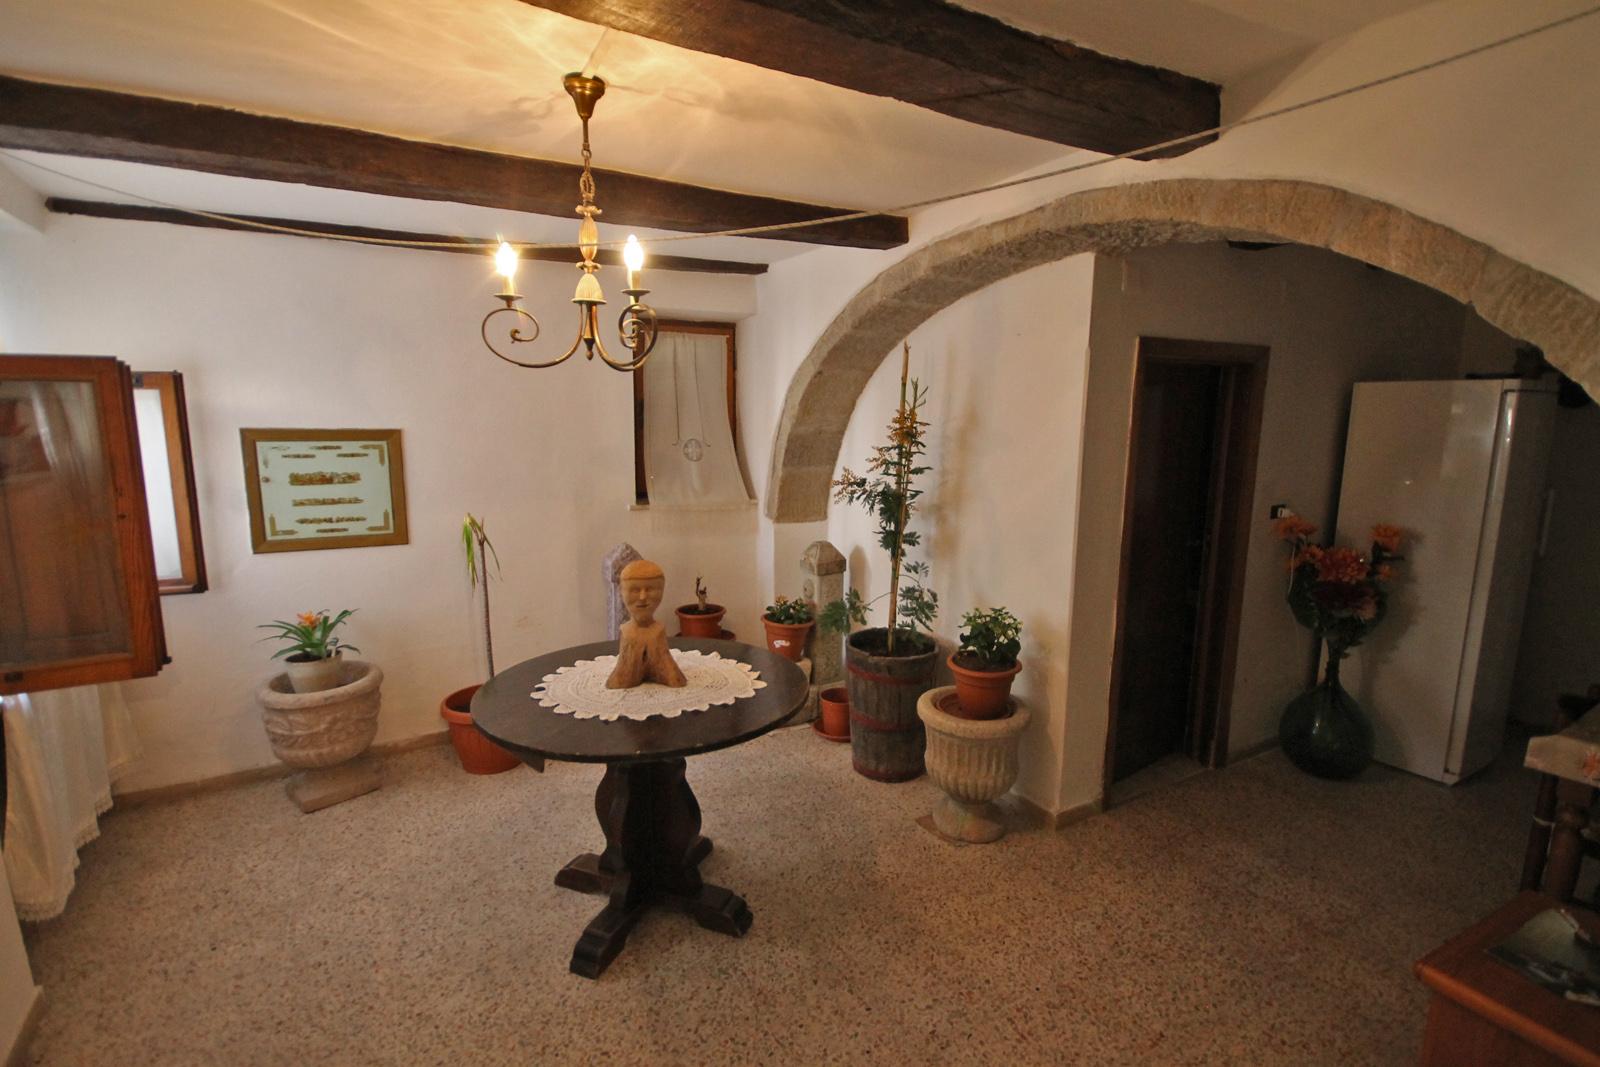 Monte amiata castel del piano casa in vendita for Creatore del piano casa